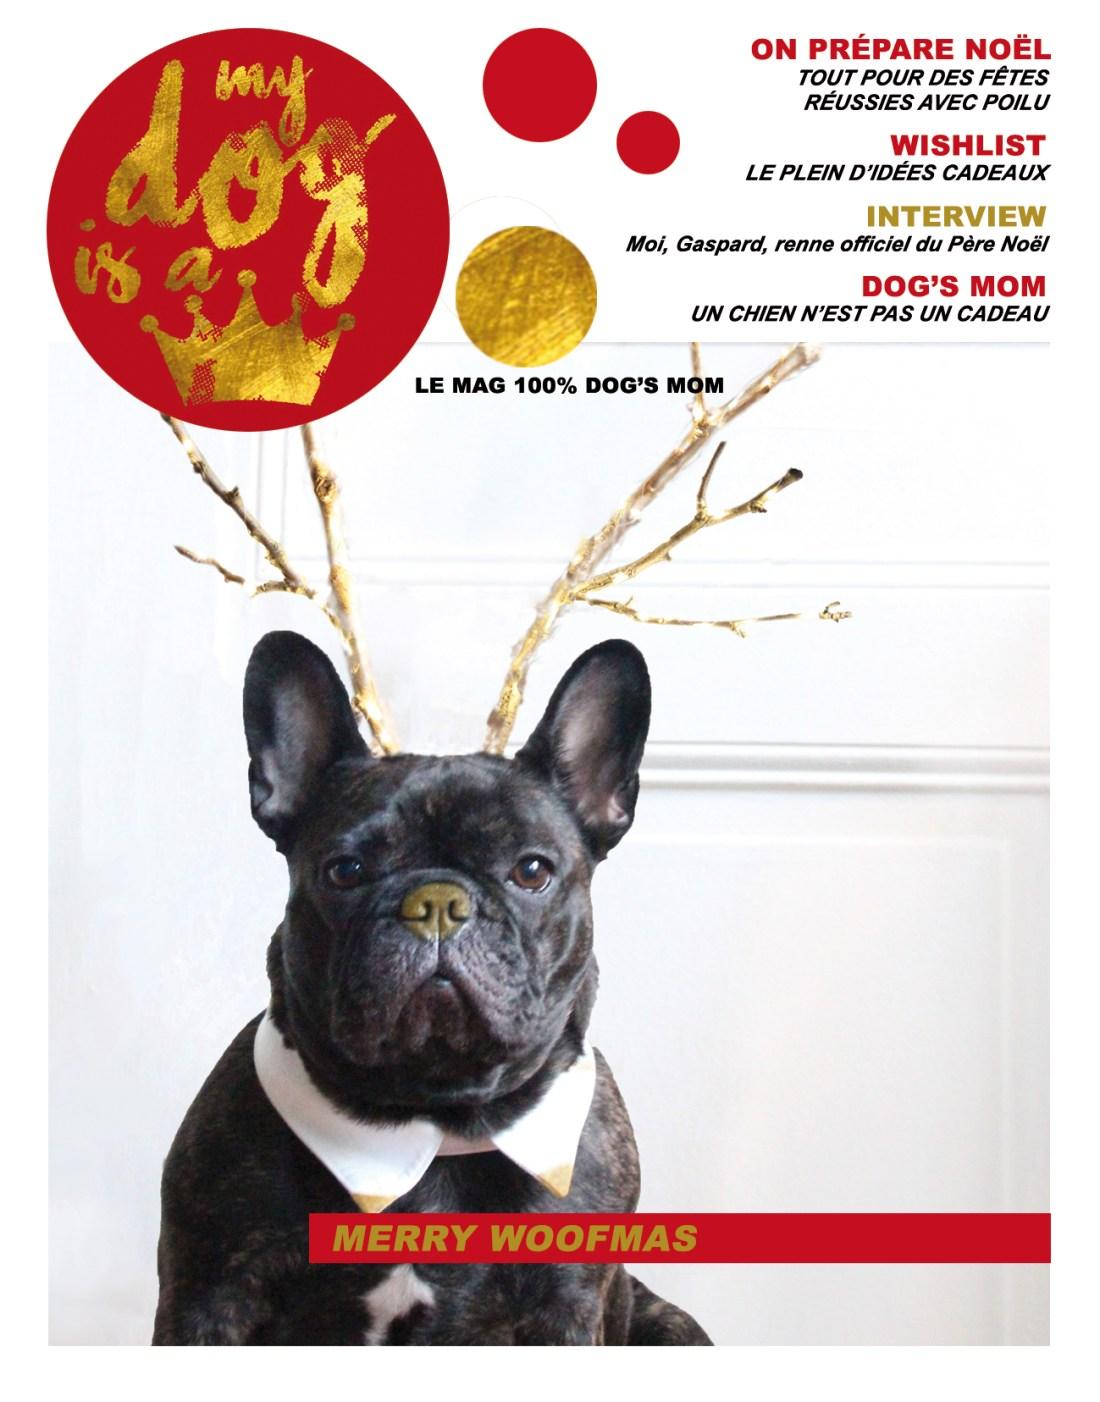 Décembre - Merry Woofmas